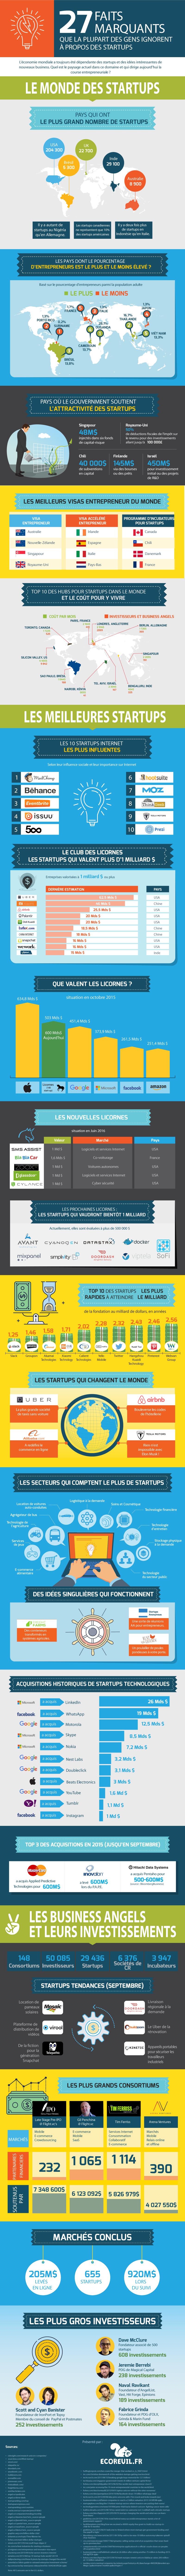 27-faits-sur-les-startups-FR_technews_france